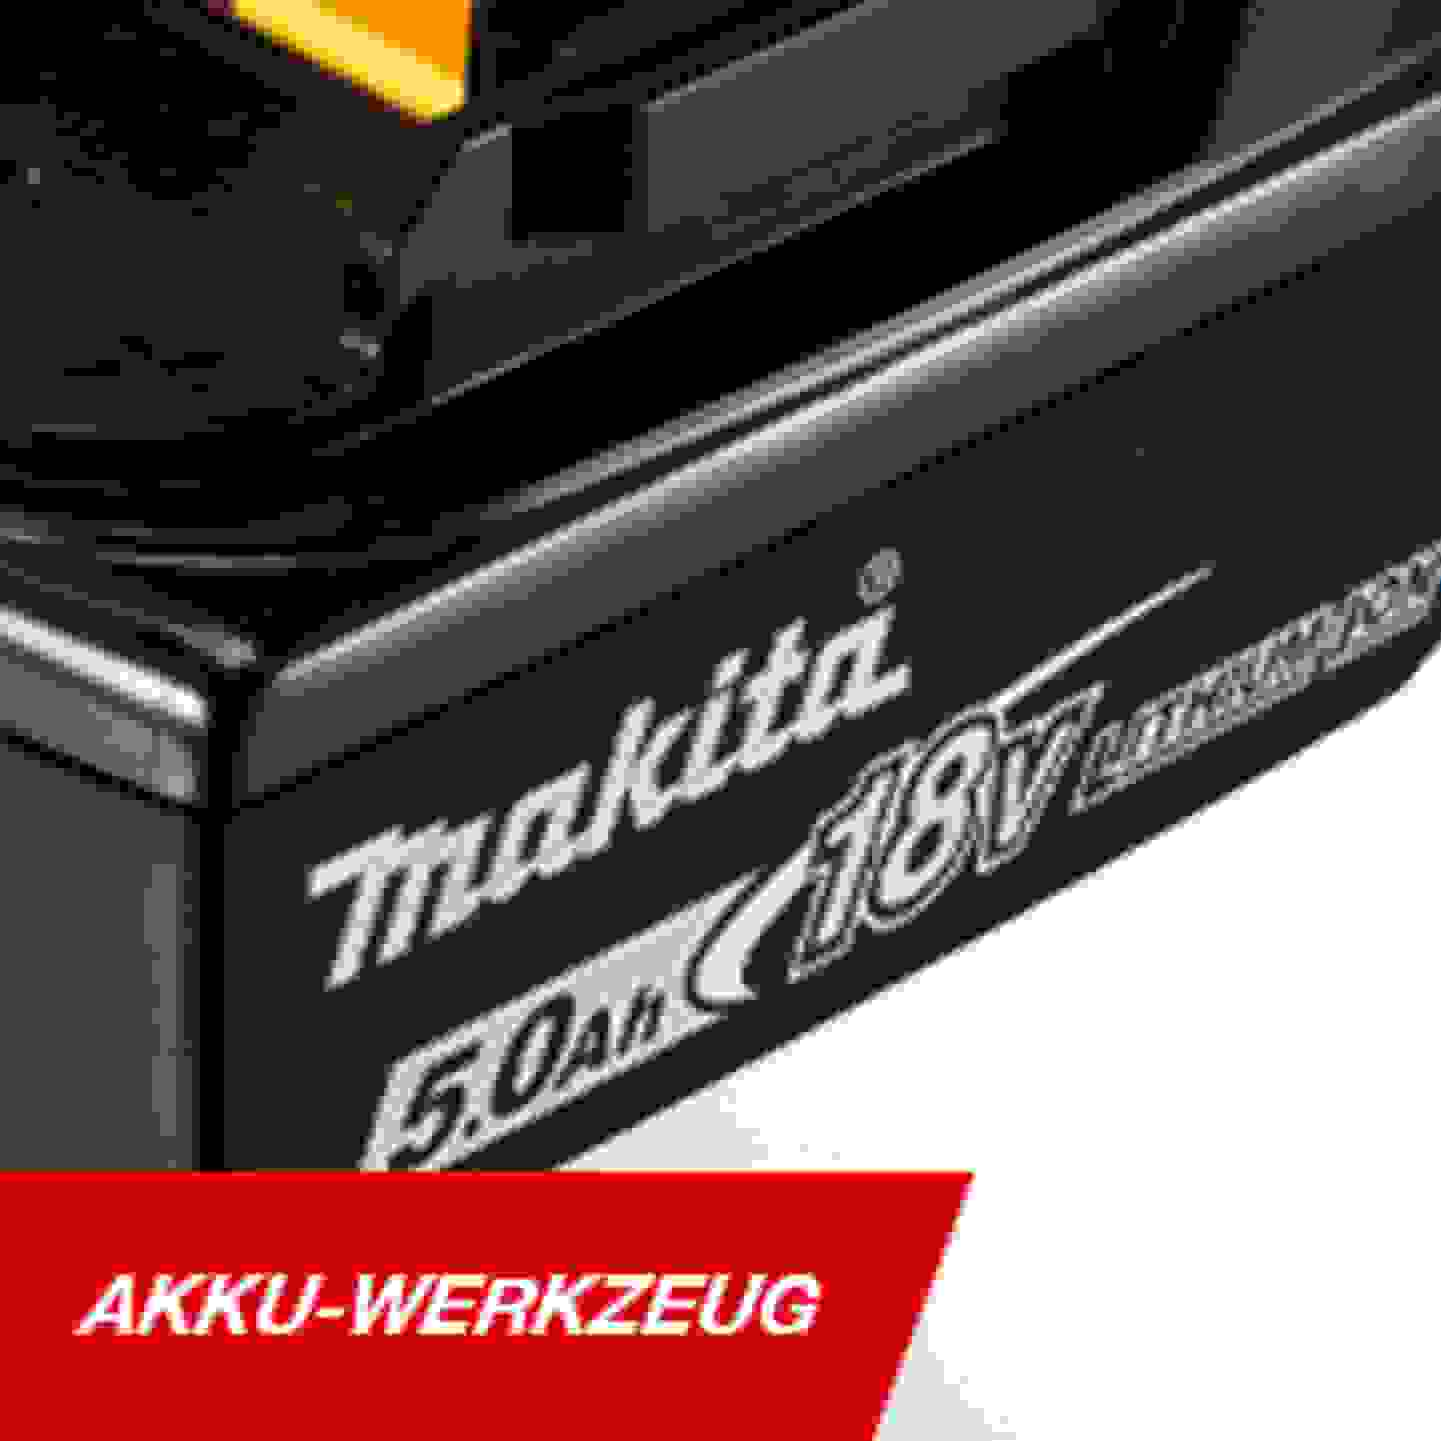 Akku-Werkzeug